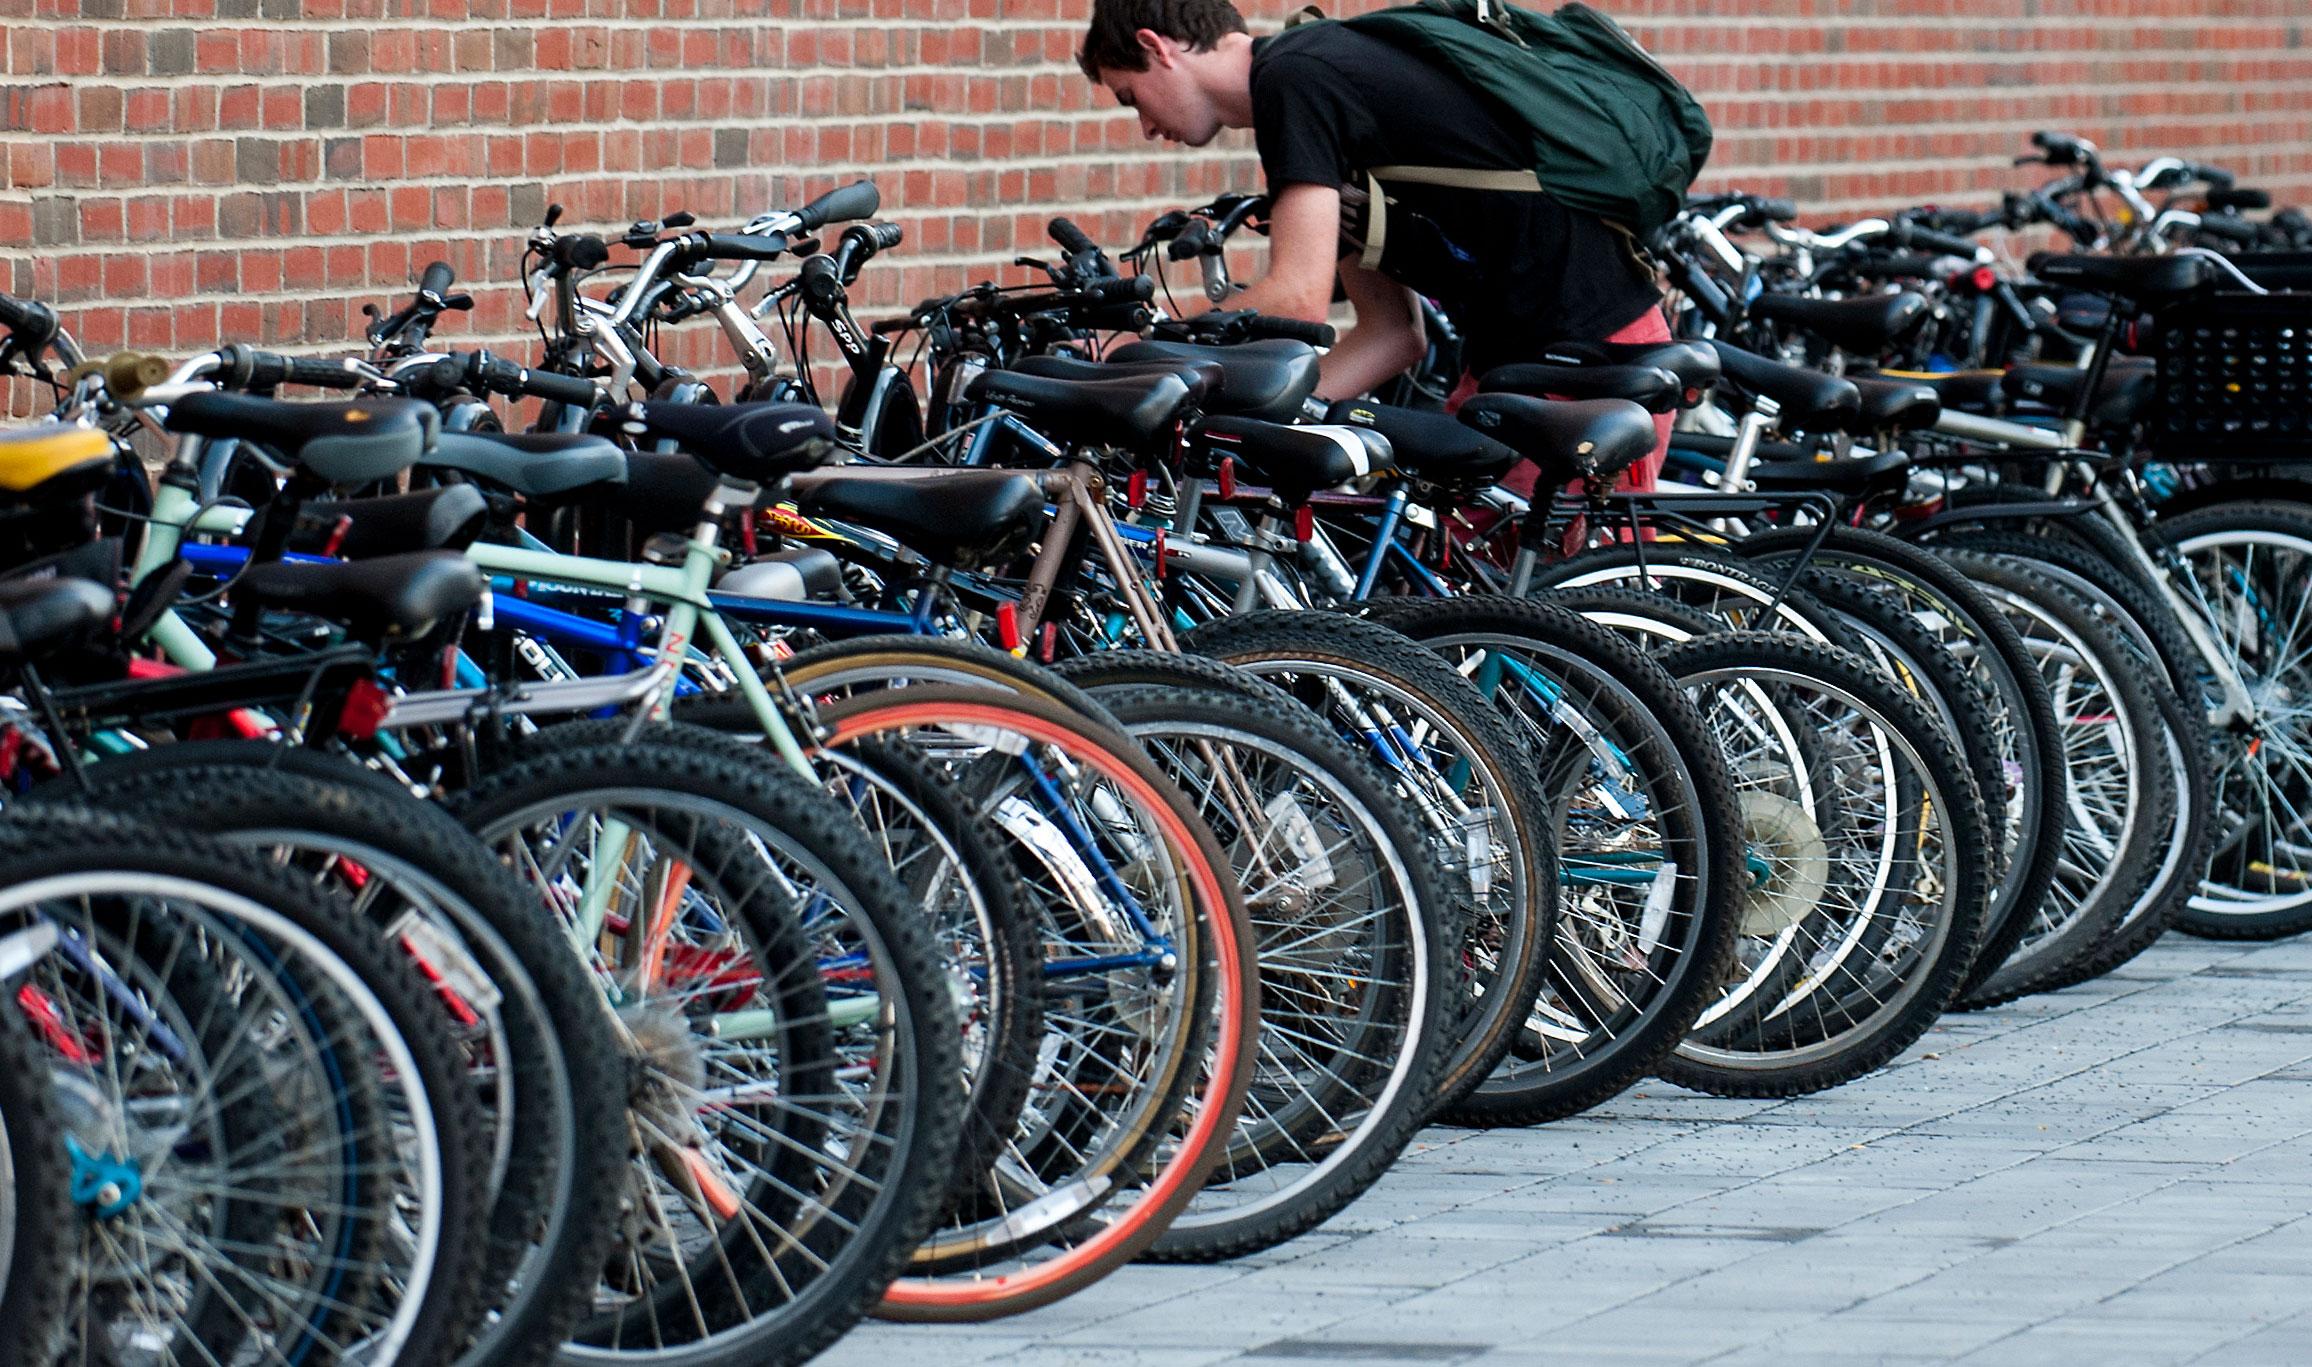 fenway_bike.jpg